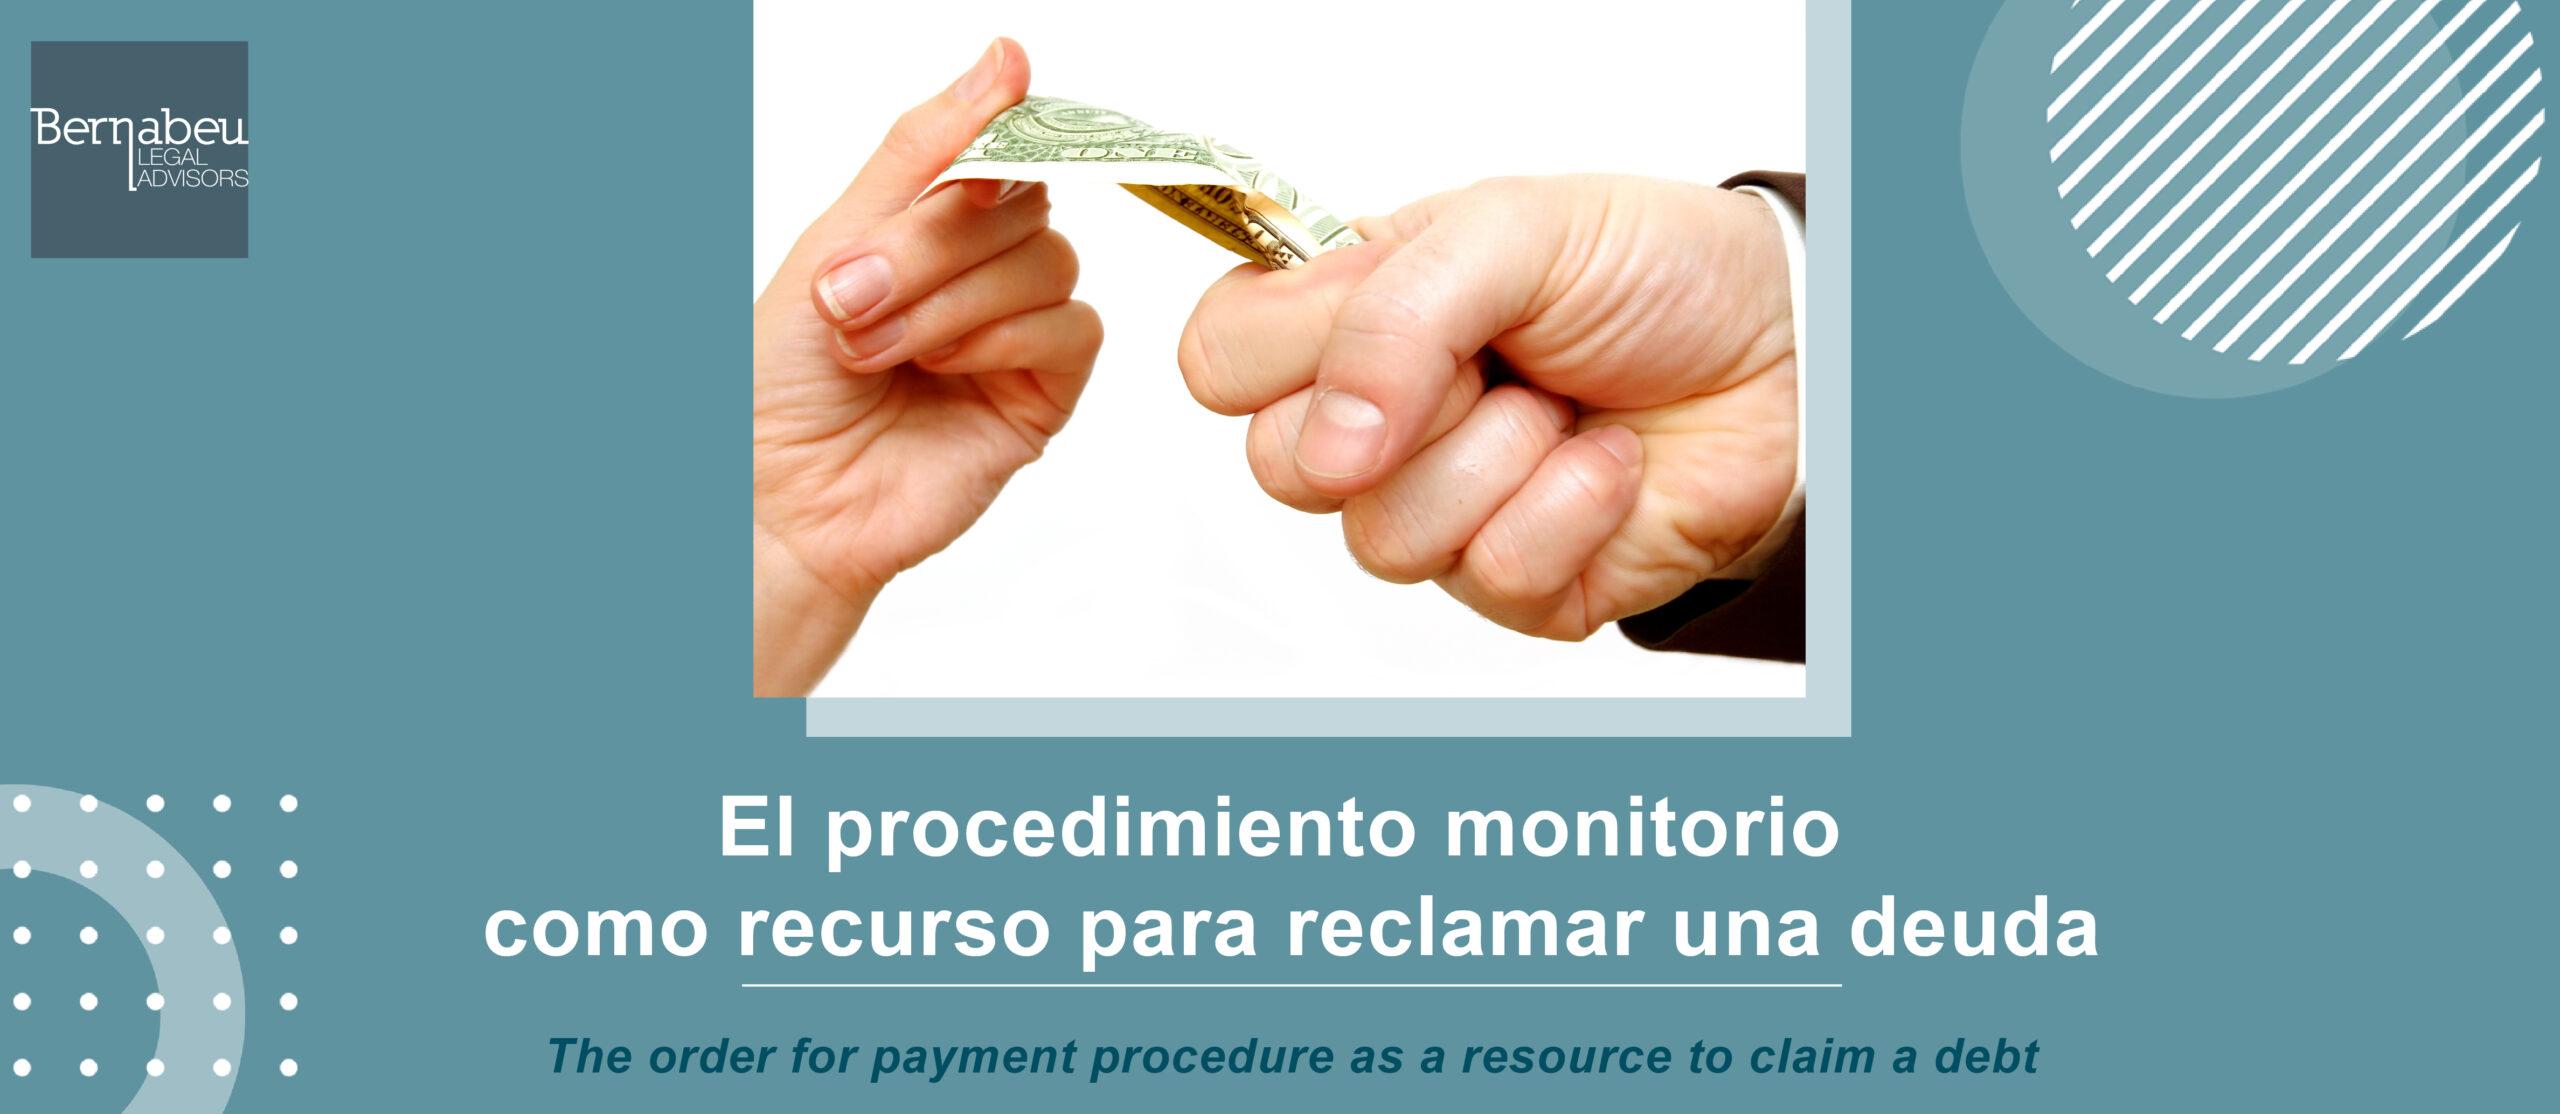 El procedimiento monitorio como recurso para reclamar una deuda